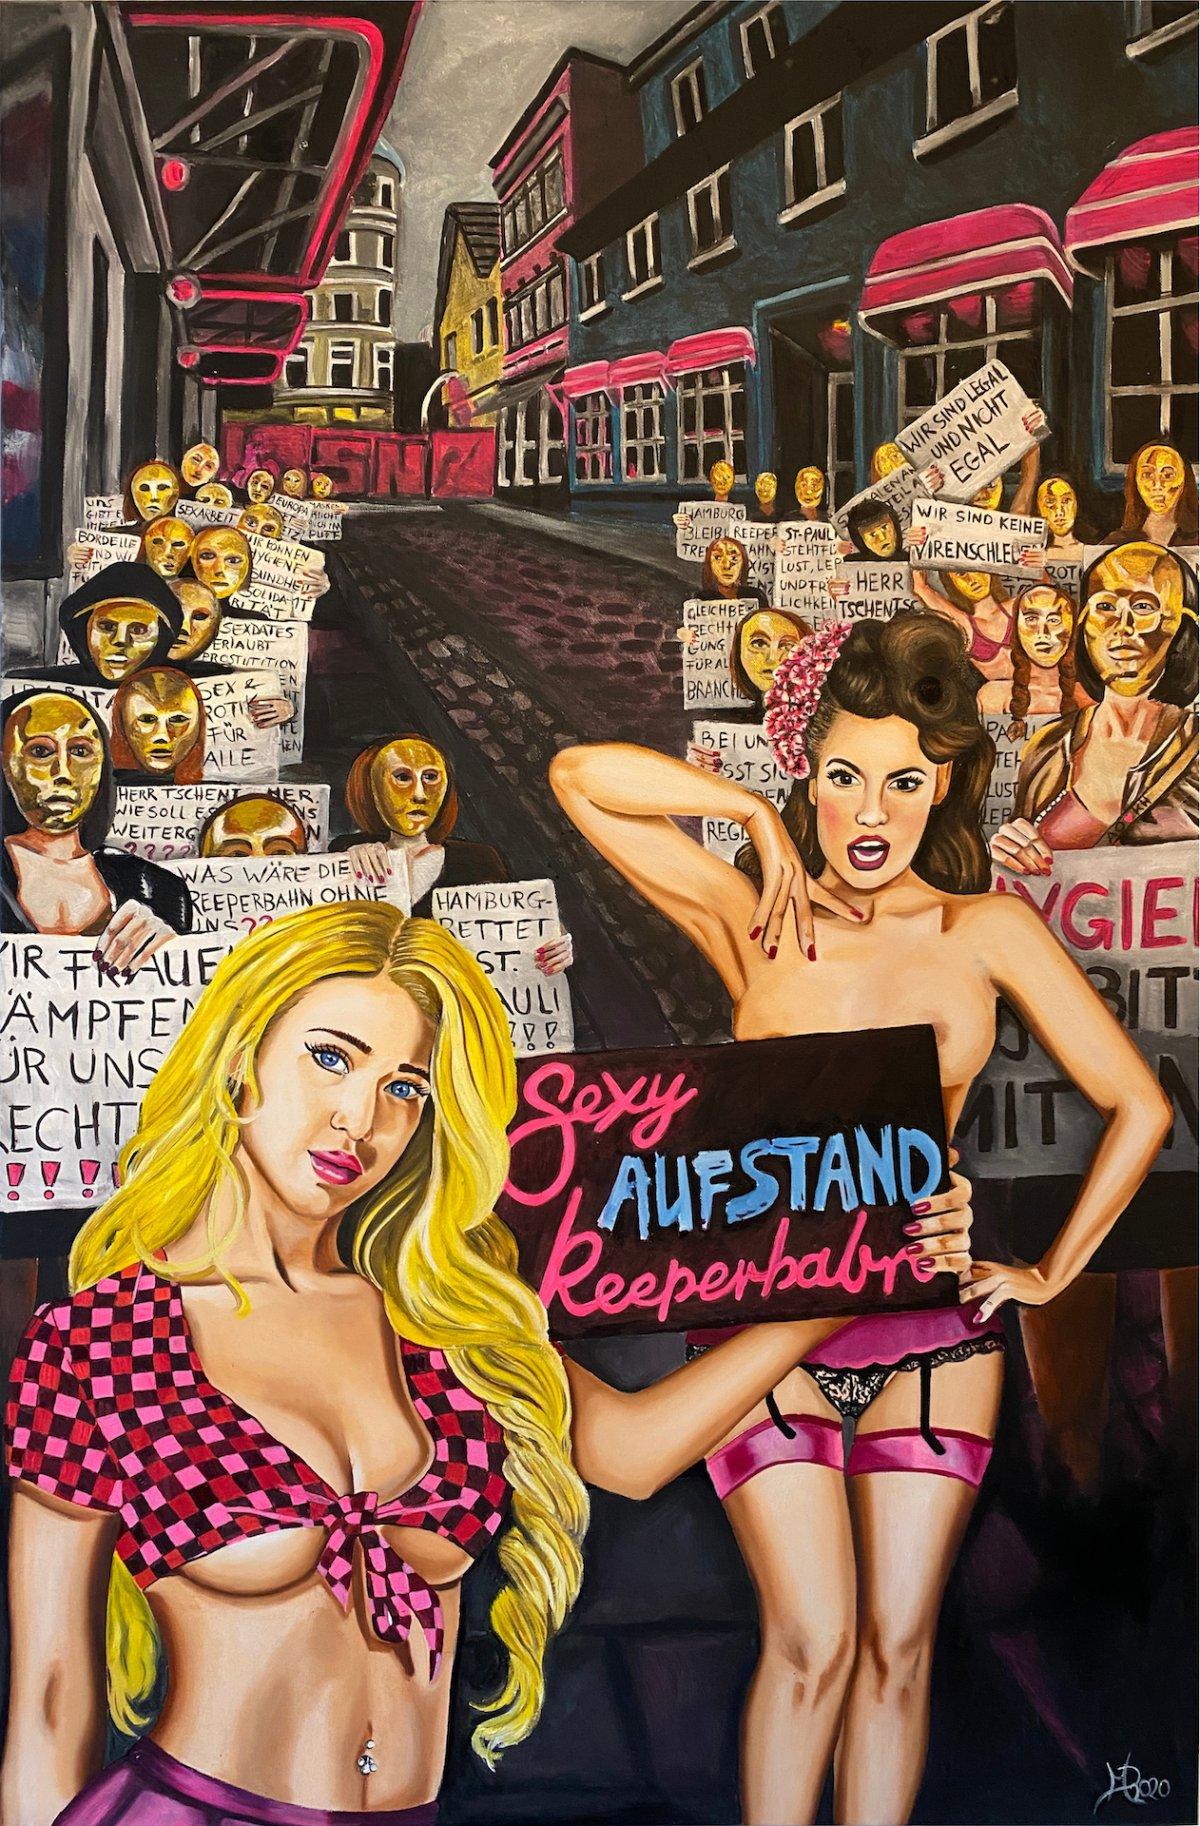 sexy-aufstand-reeperbahn-2.0-popart-maaike-dirkx-galerie-hamburg-popstreetshop